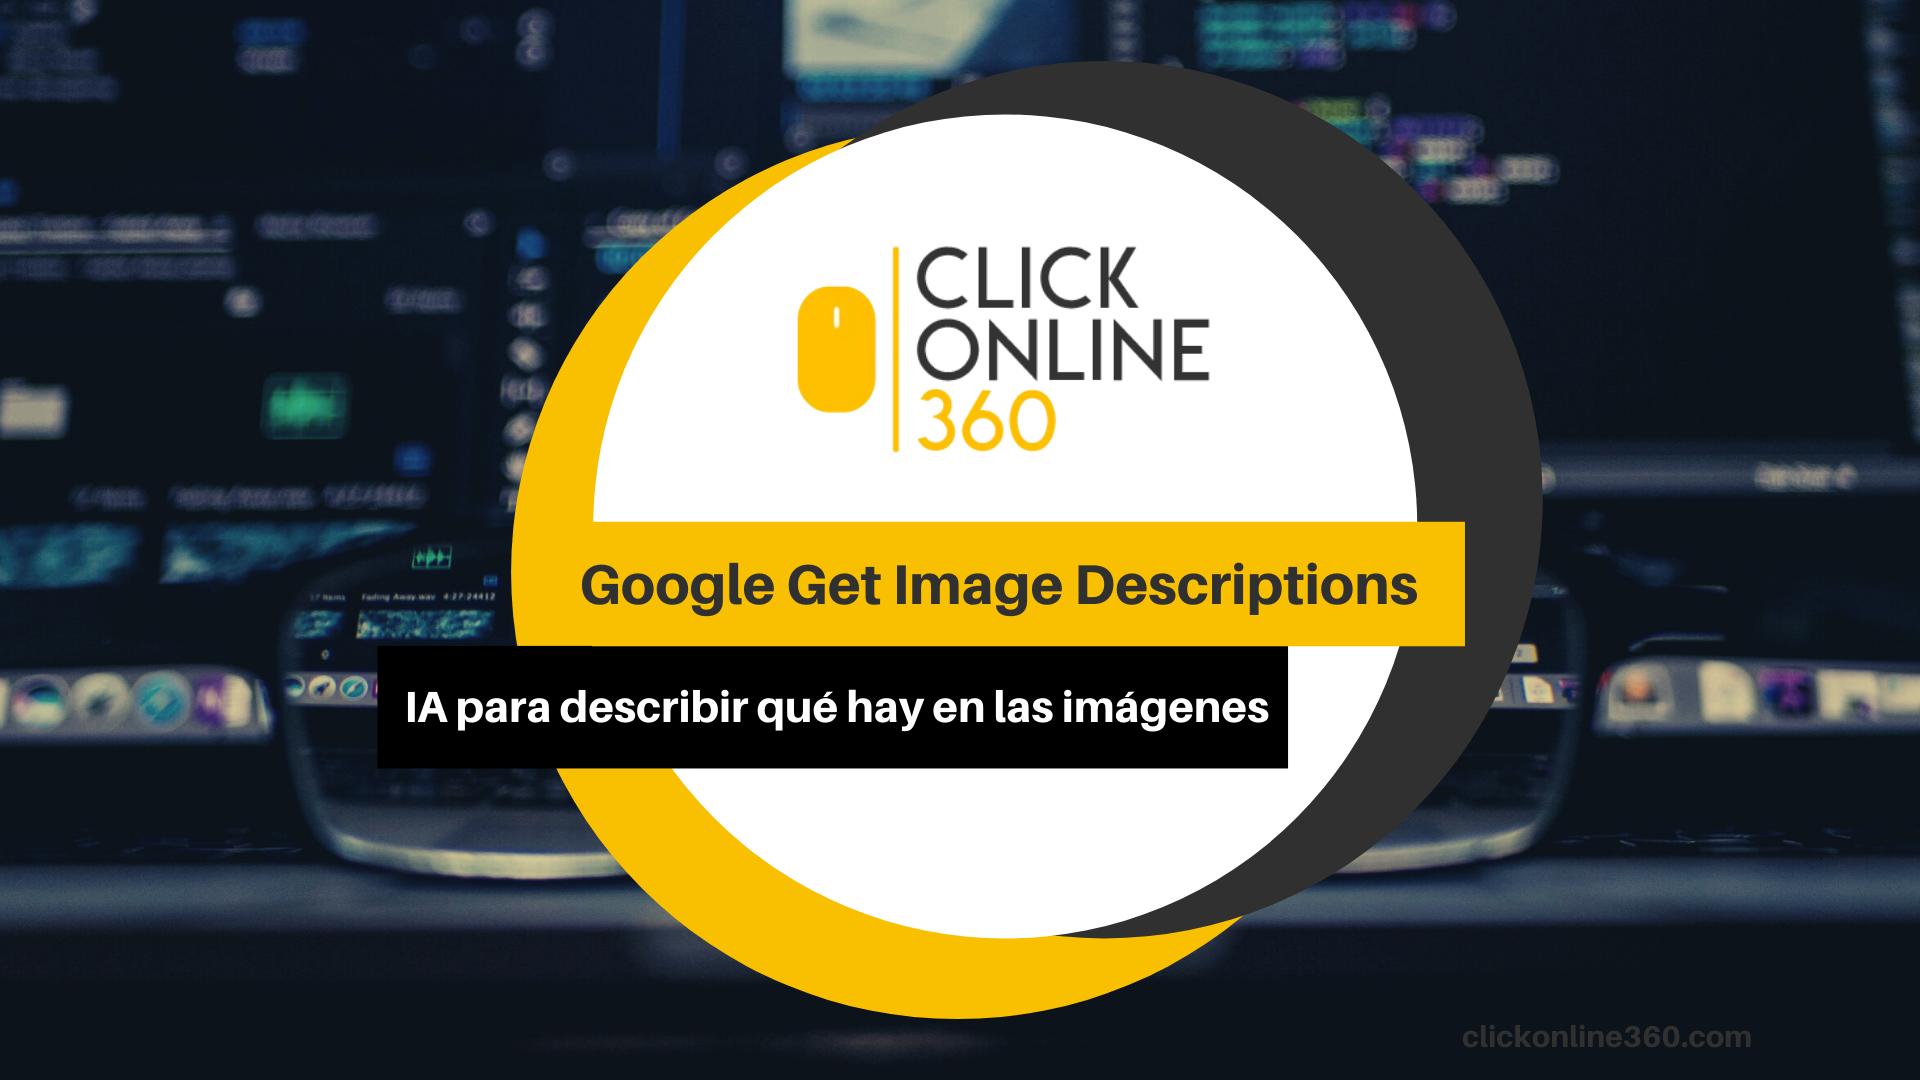 Get Image Descriptions